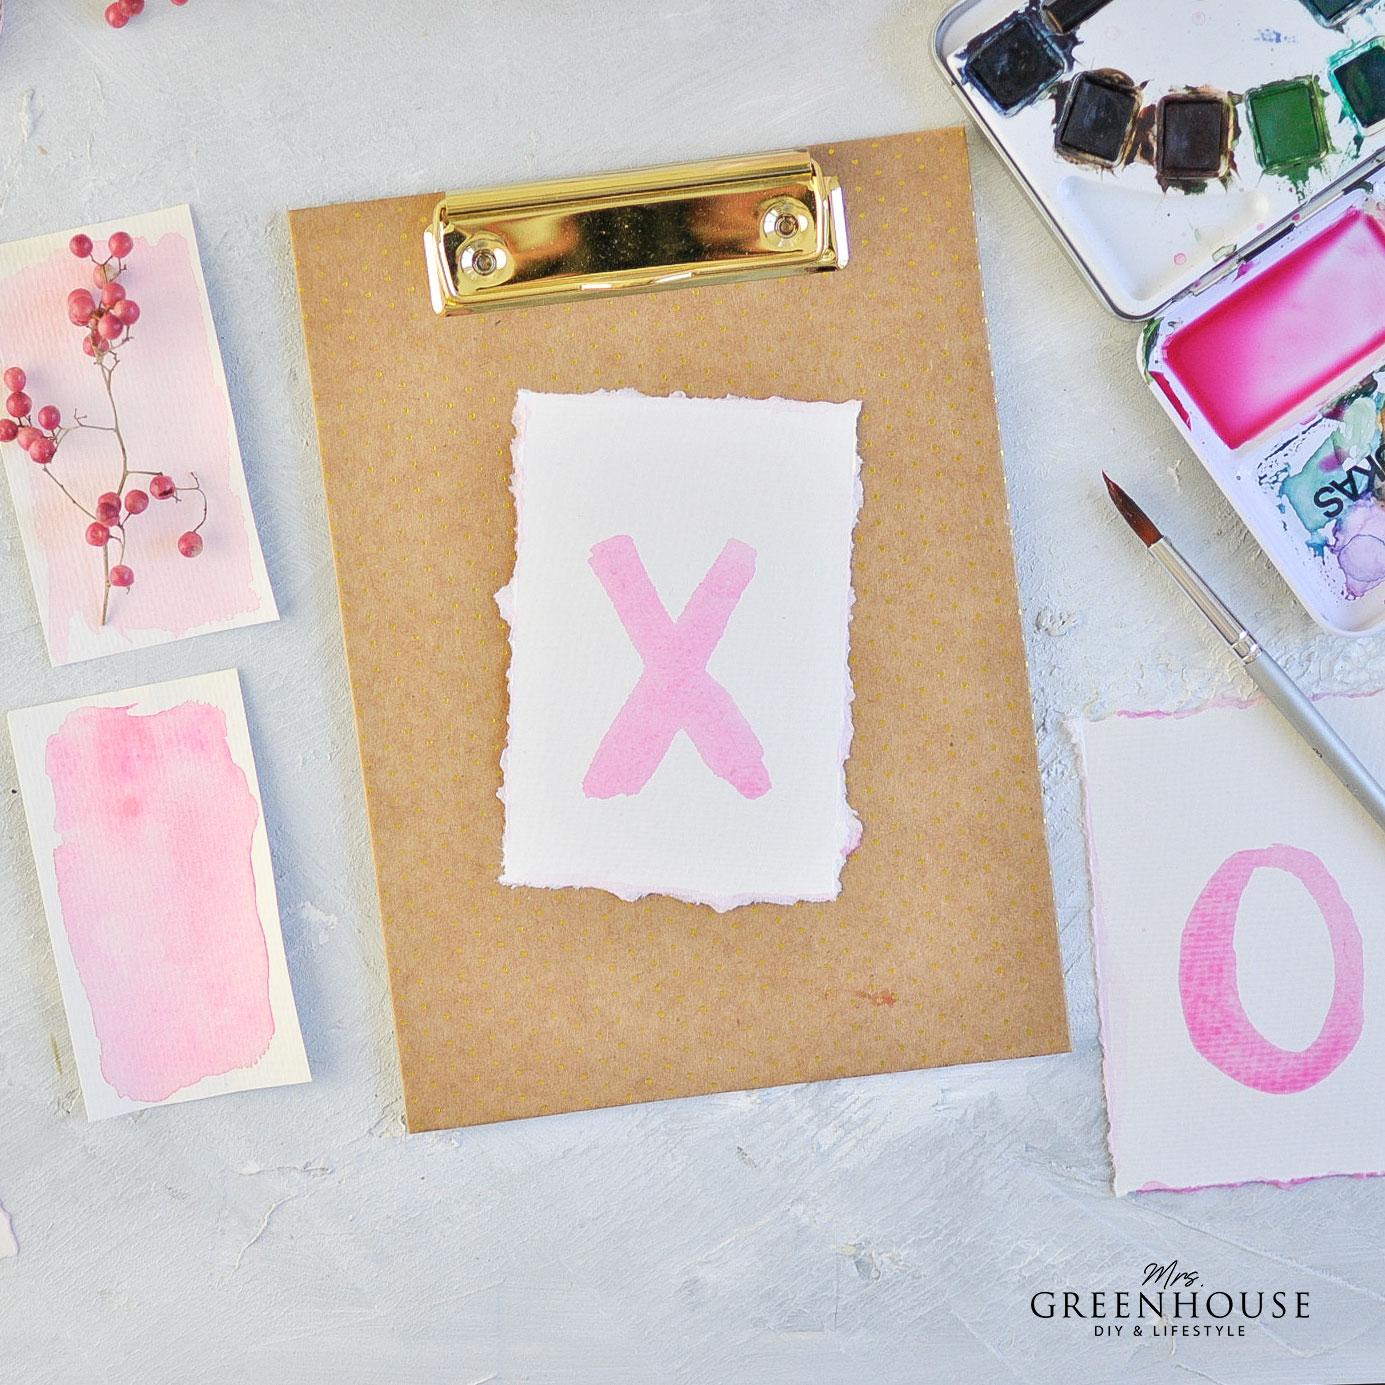 Buchstaben mit Aquarellfarbe zeichnen